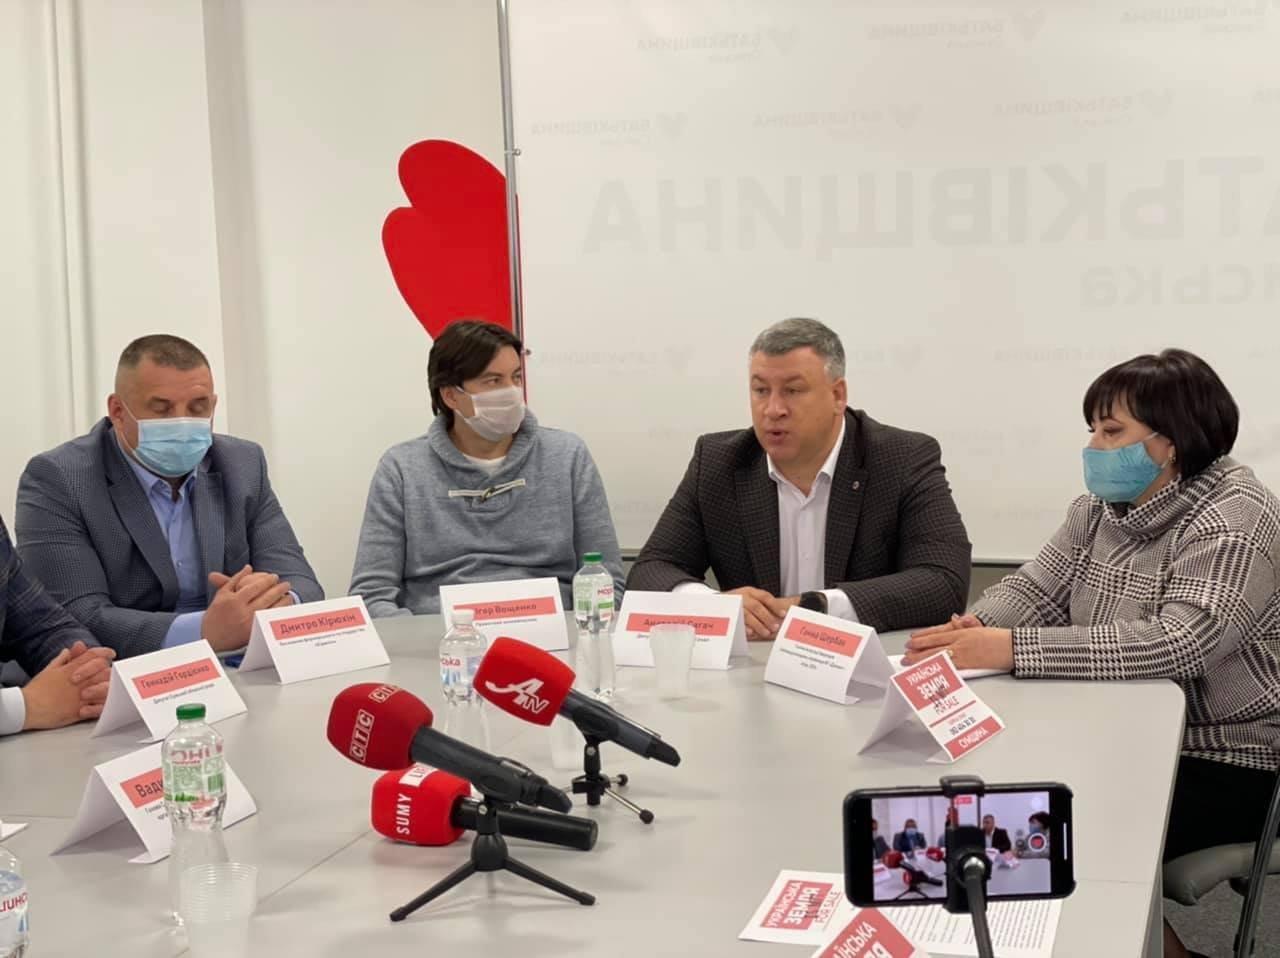 «Ні продажу української землі»: аграрії, фермери, землевласники Сумщини та депутати підписали резолюцію , фото-5